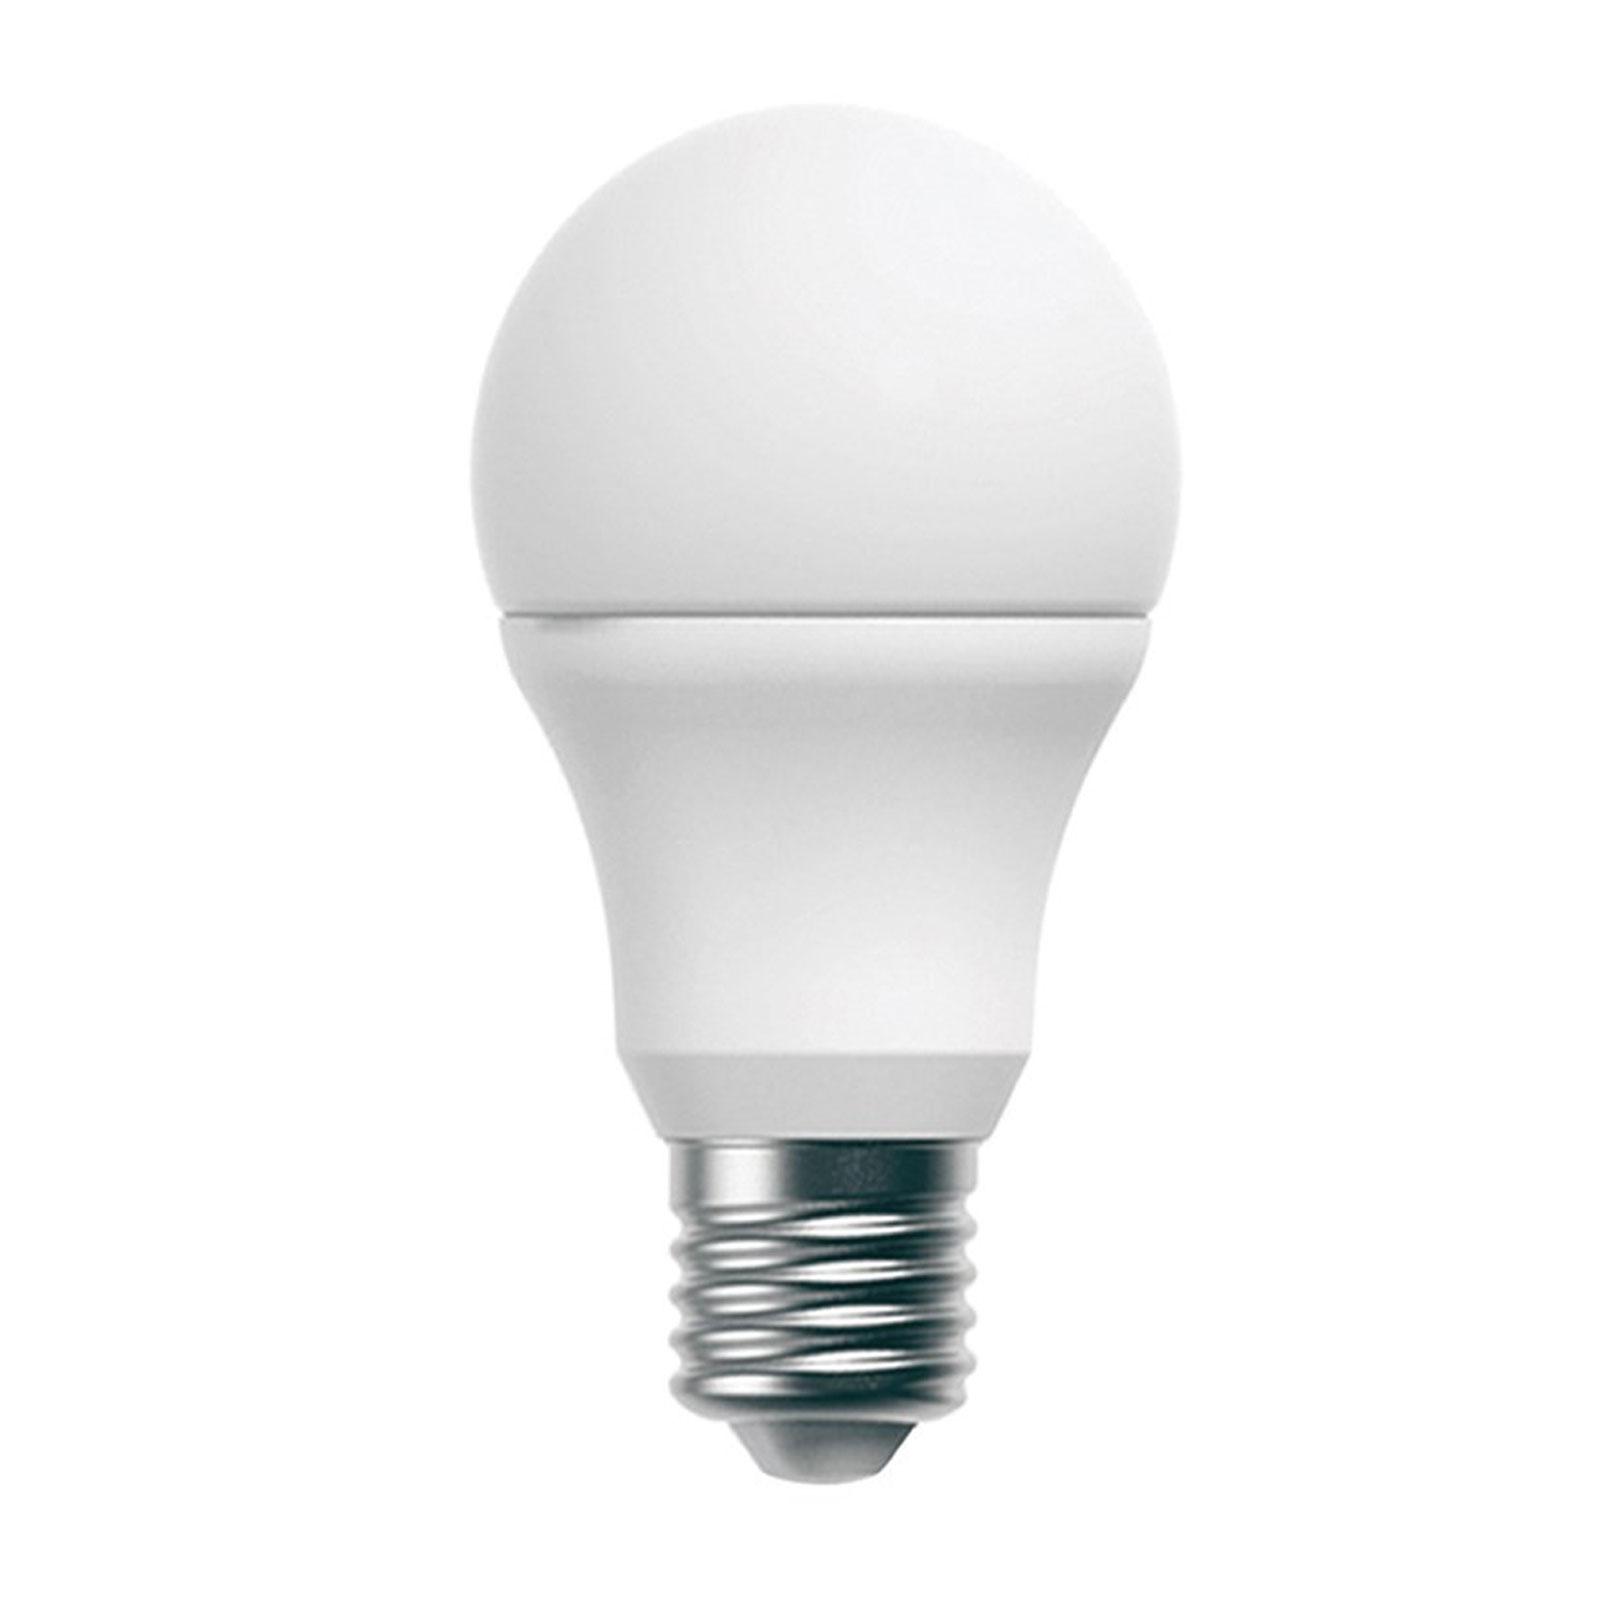 لامپ ال ای دی حبابی 11 وات سیماران